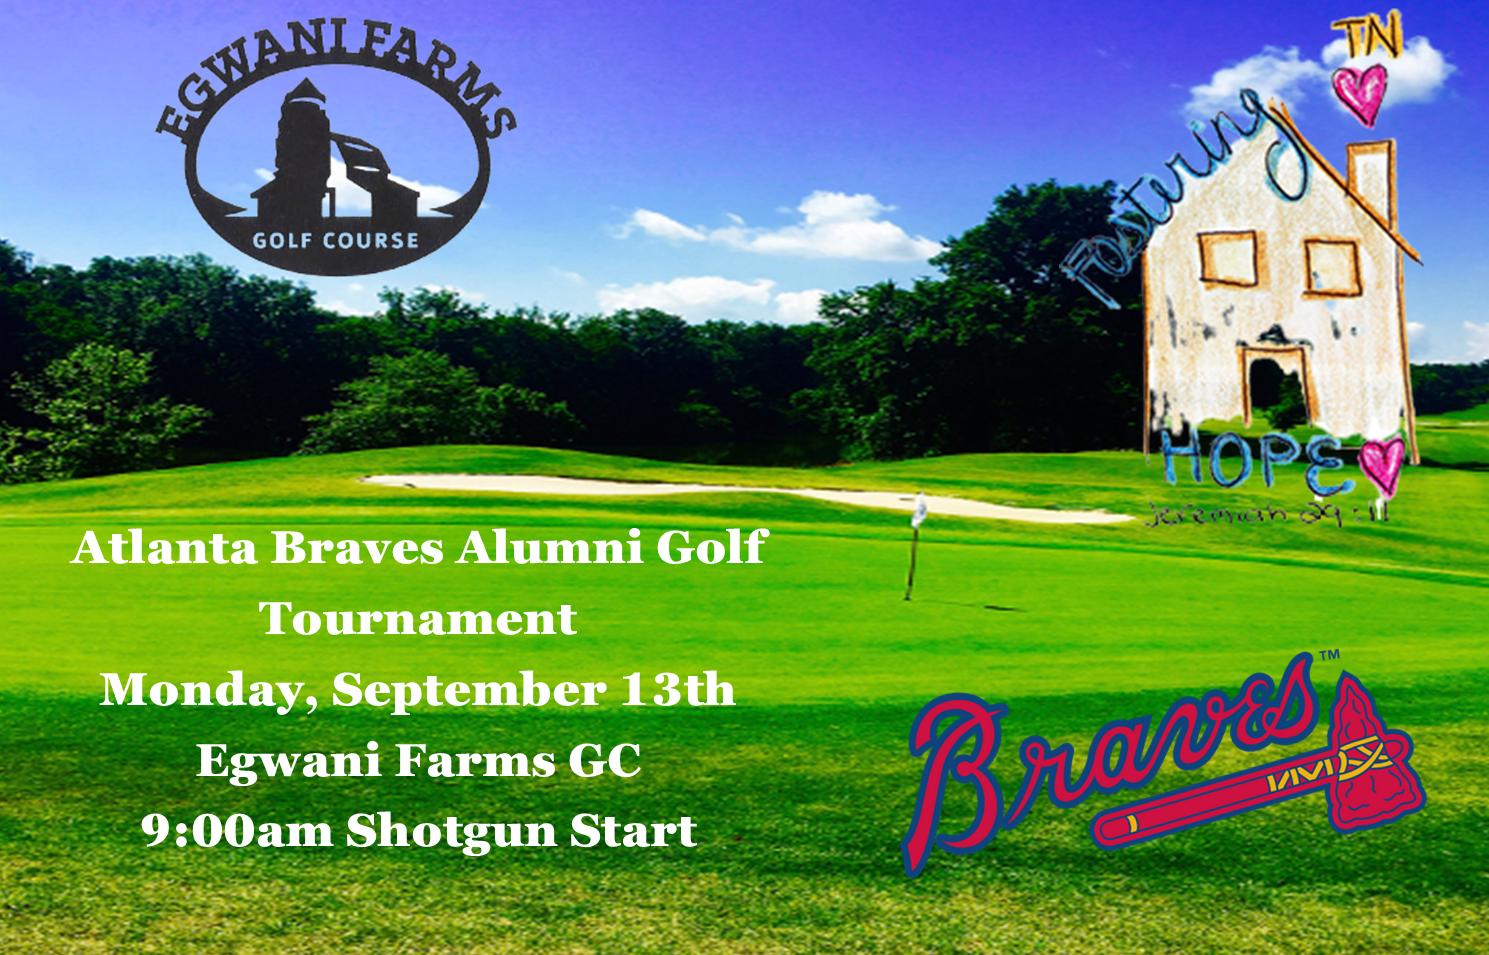 Atlanta Braves Alumni Golf Tournament- Sept 13th